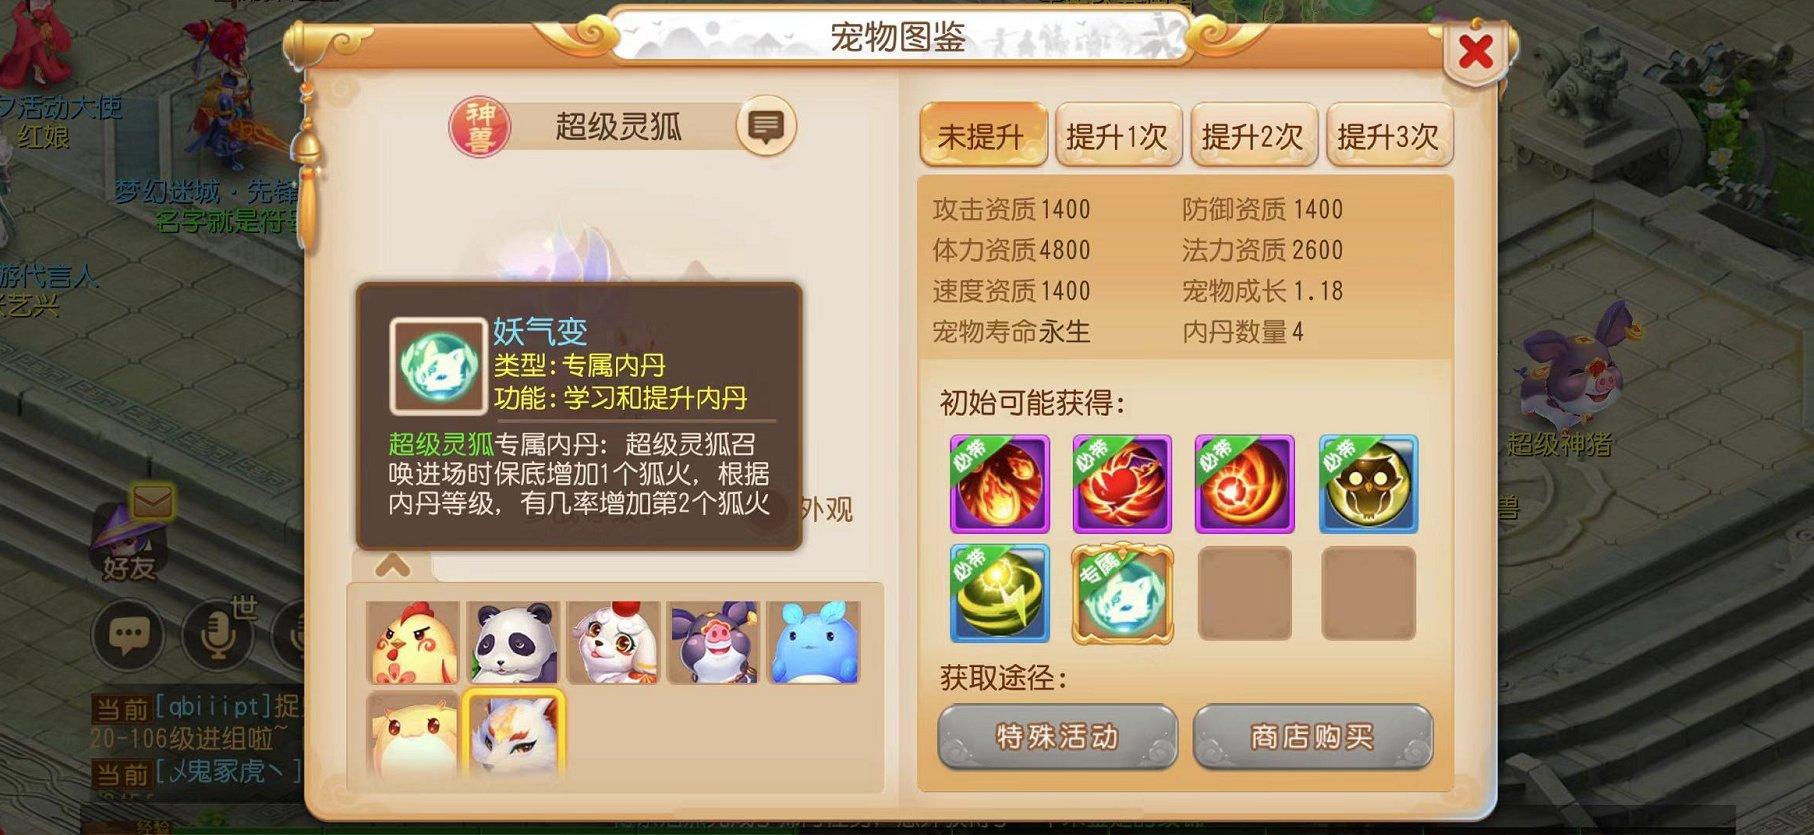 萌动三界,《梦幻西游》手游全新神兽超级灵狐Q萌来袭